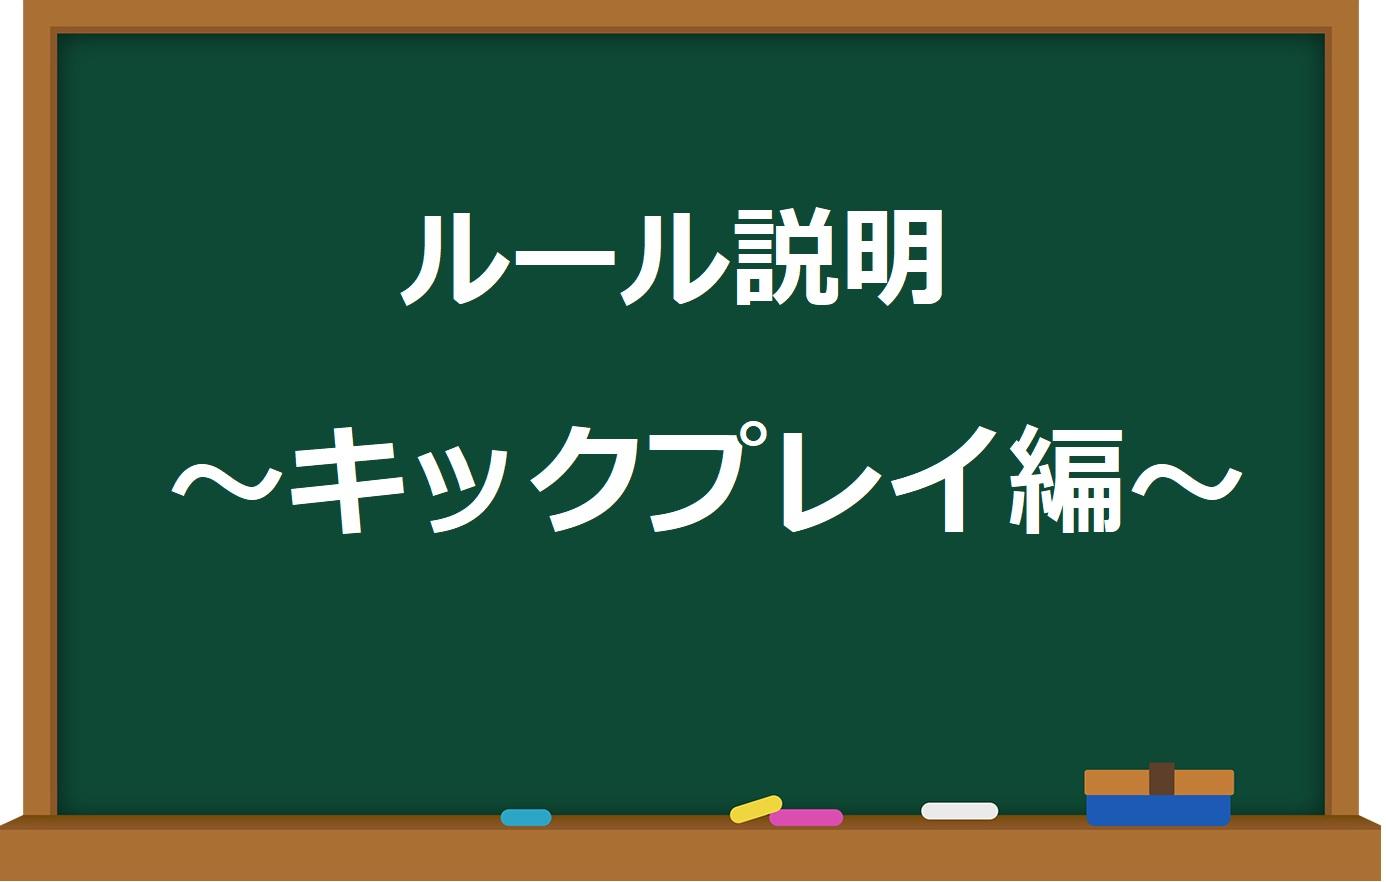 【ルール解説】すごいシンプル!~スペシャルチームのルール~